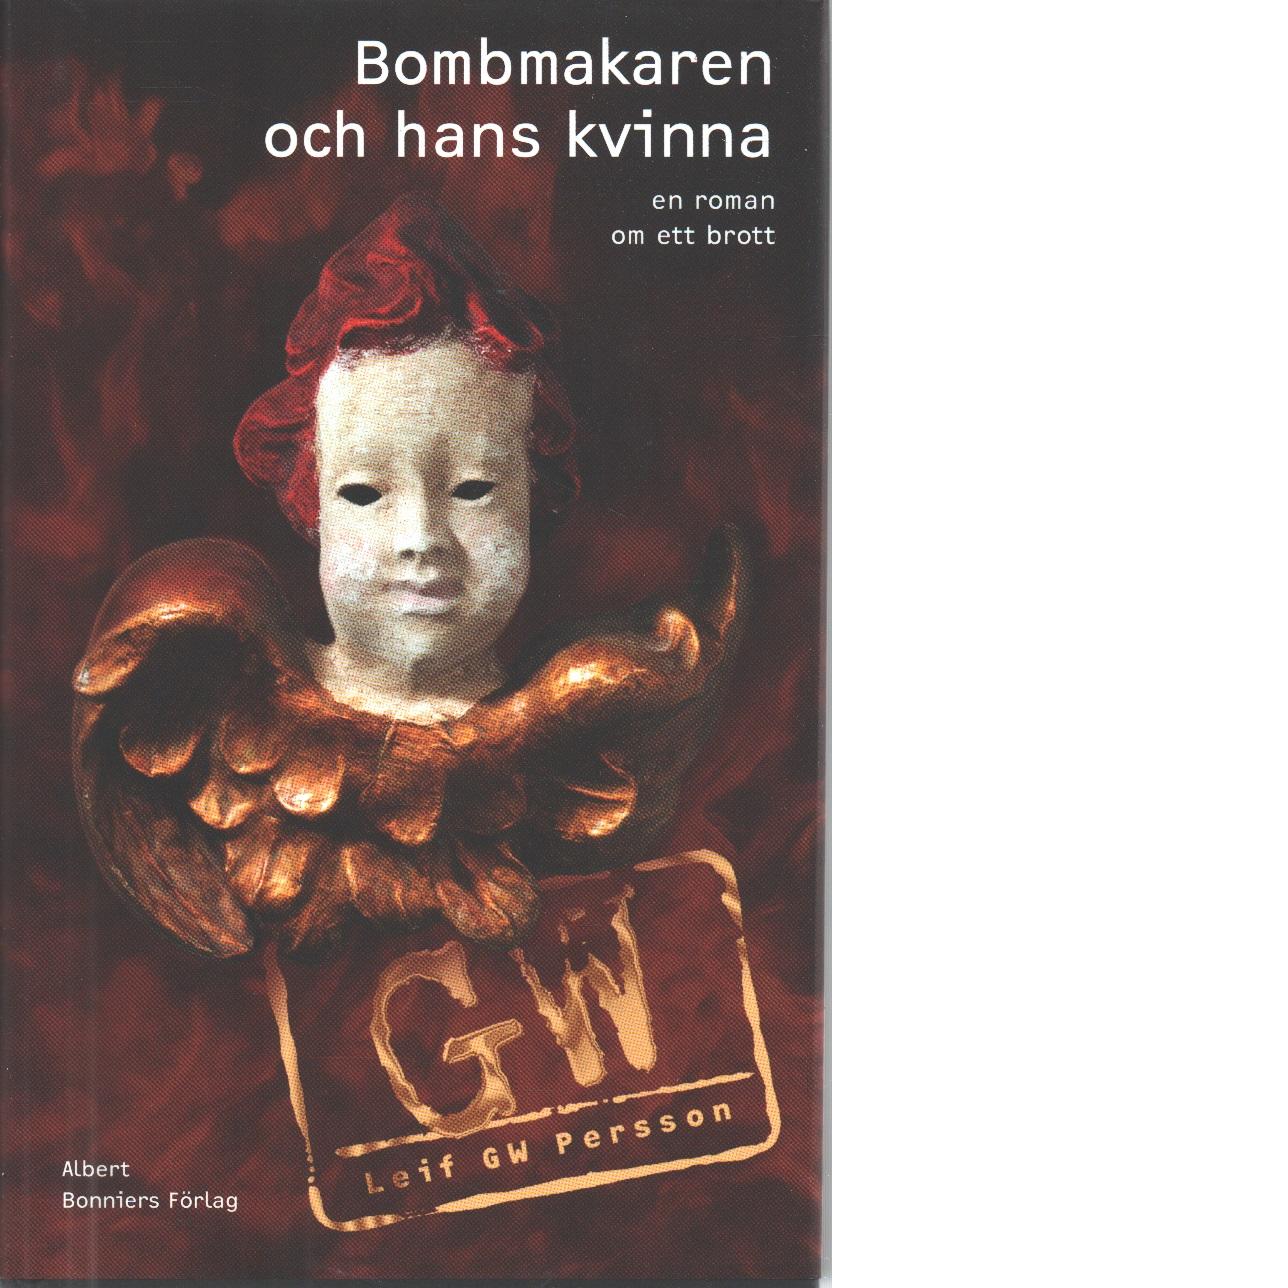 Bombmakaren och hans kvinna - Persson, Leif G. W.